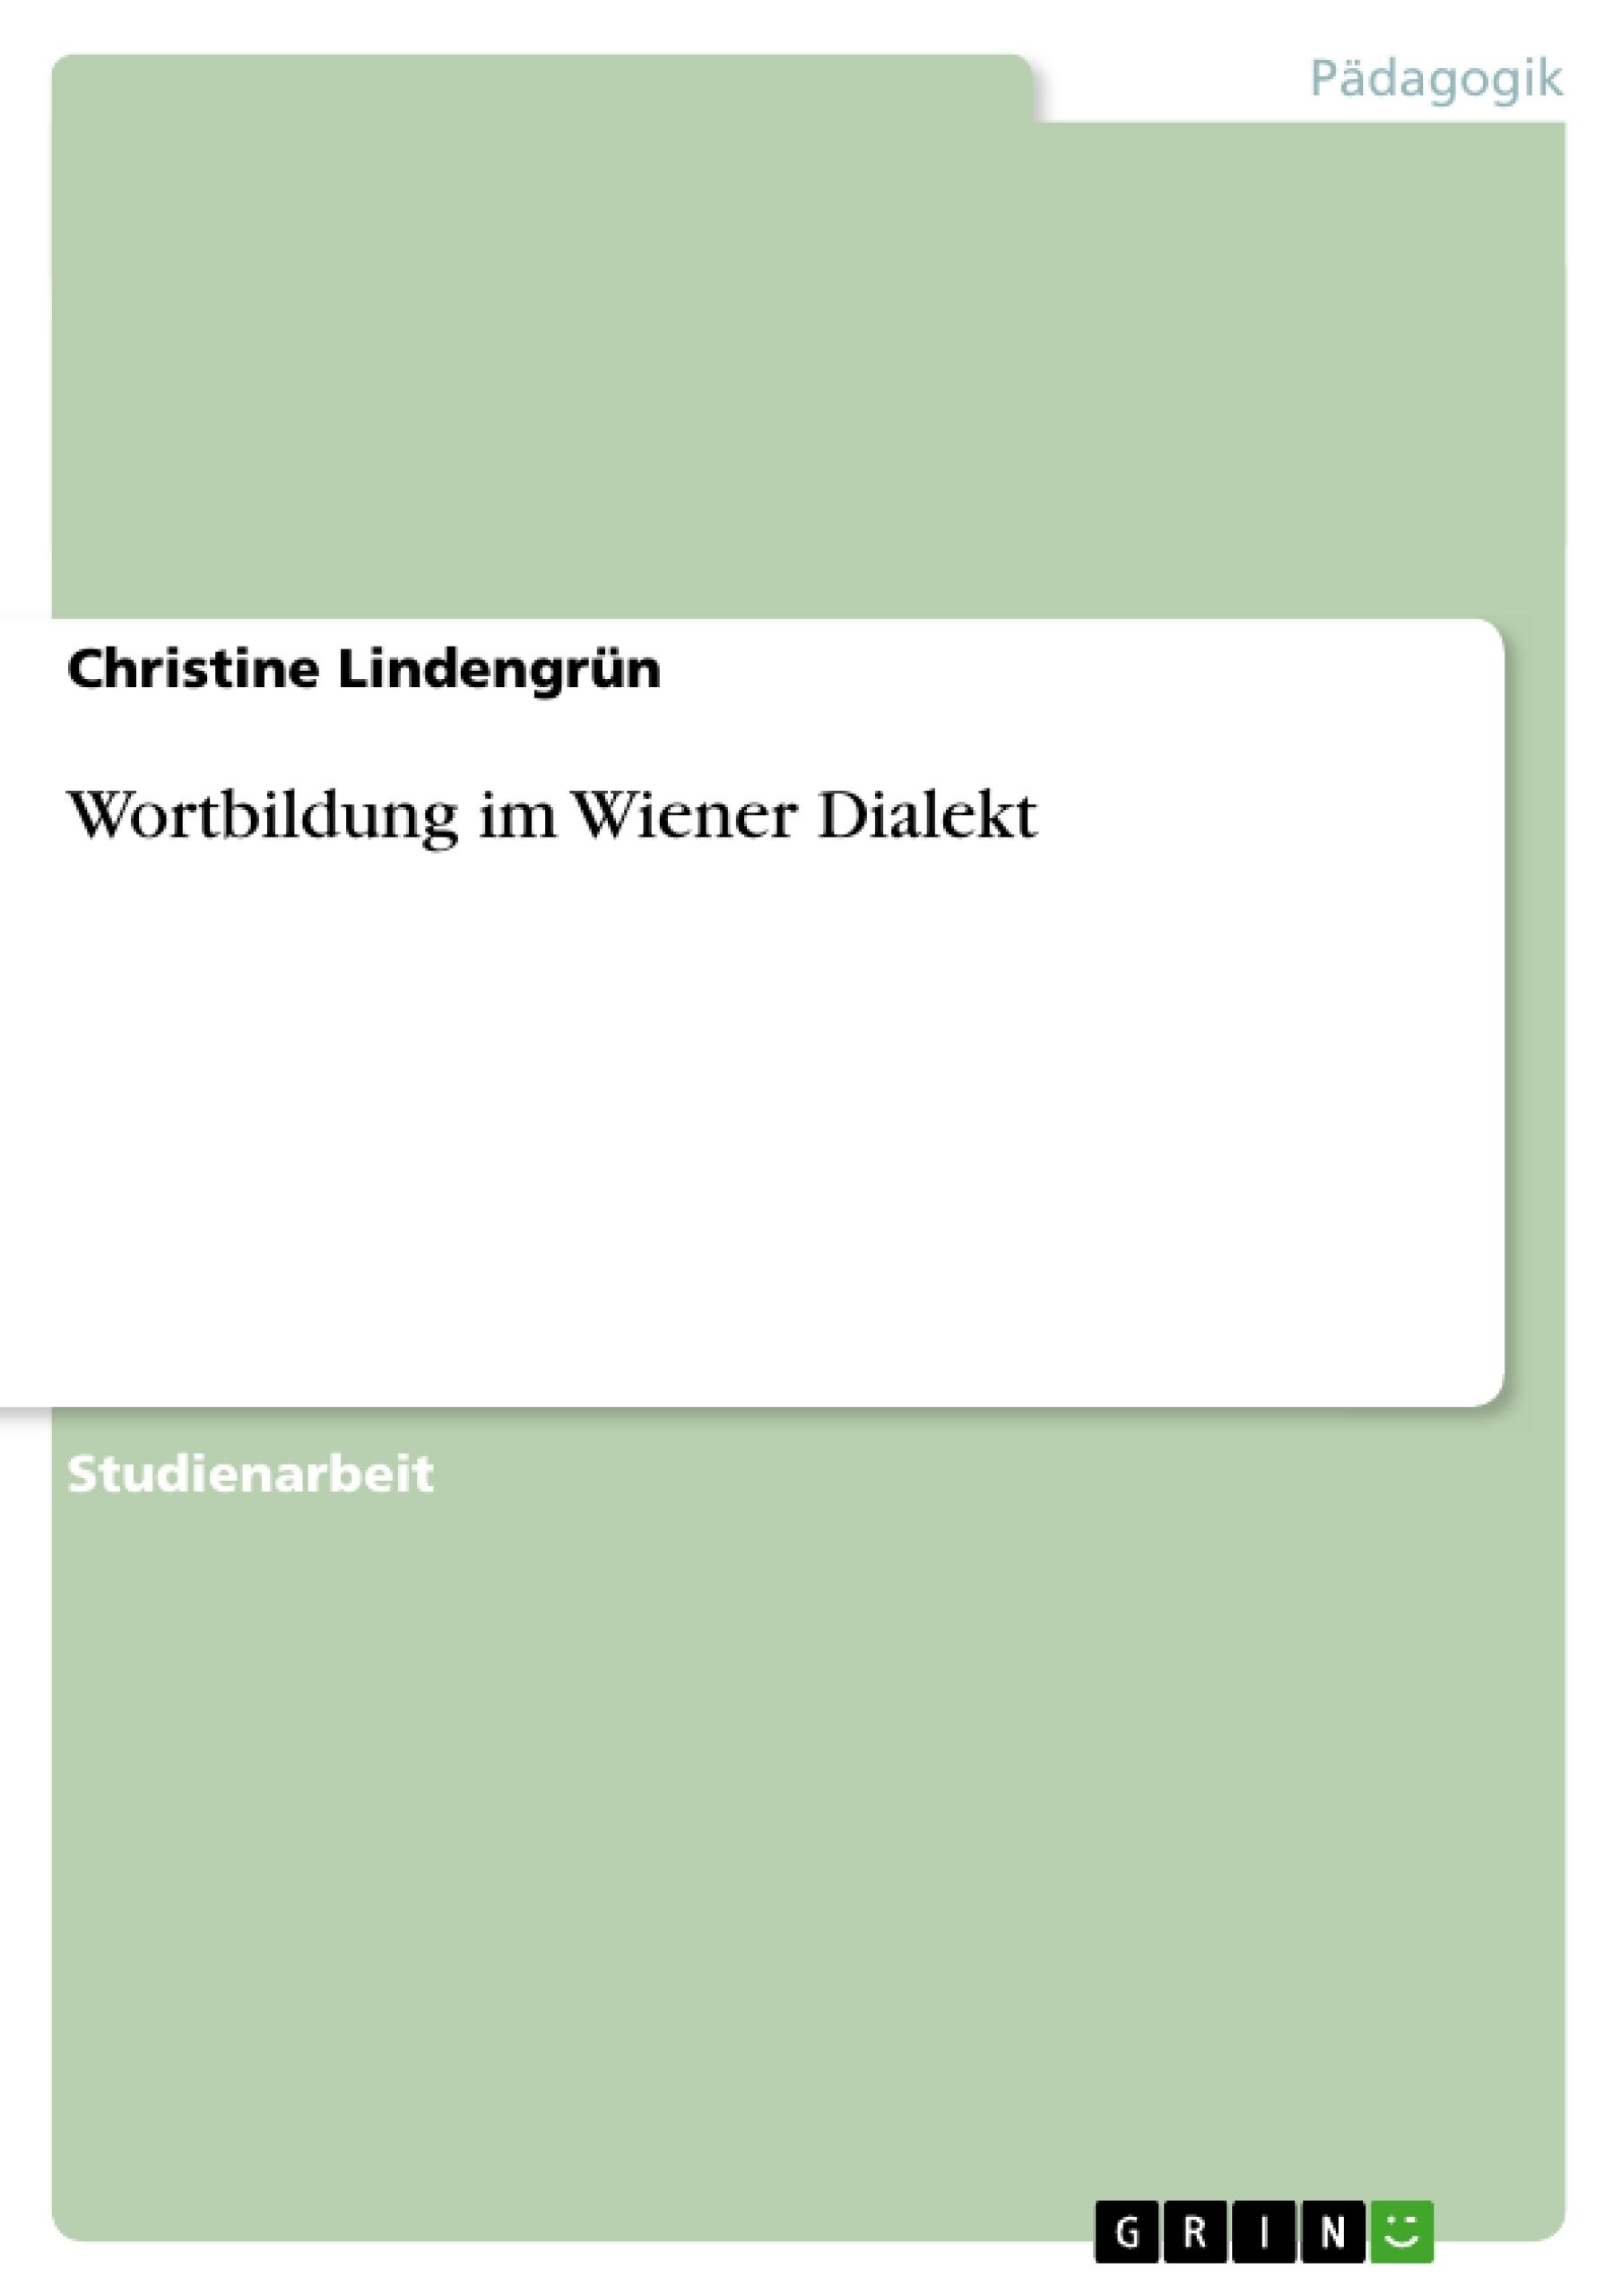 Titel: Wortbildung im Wiener Dialekt